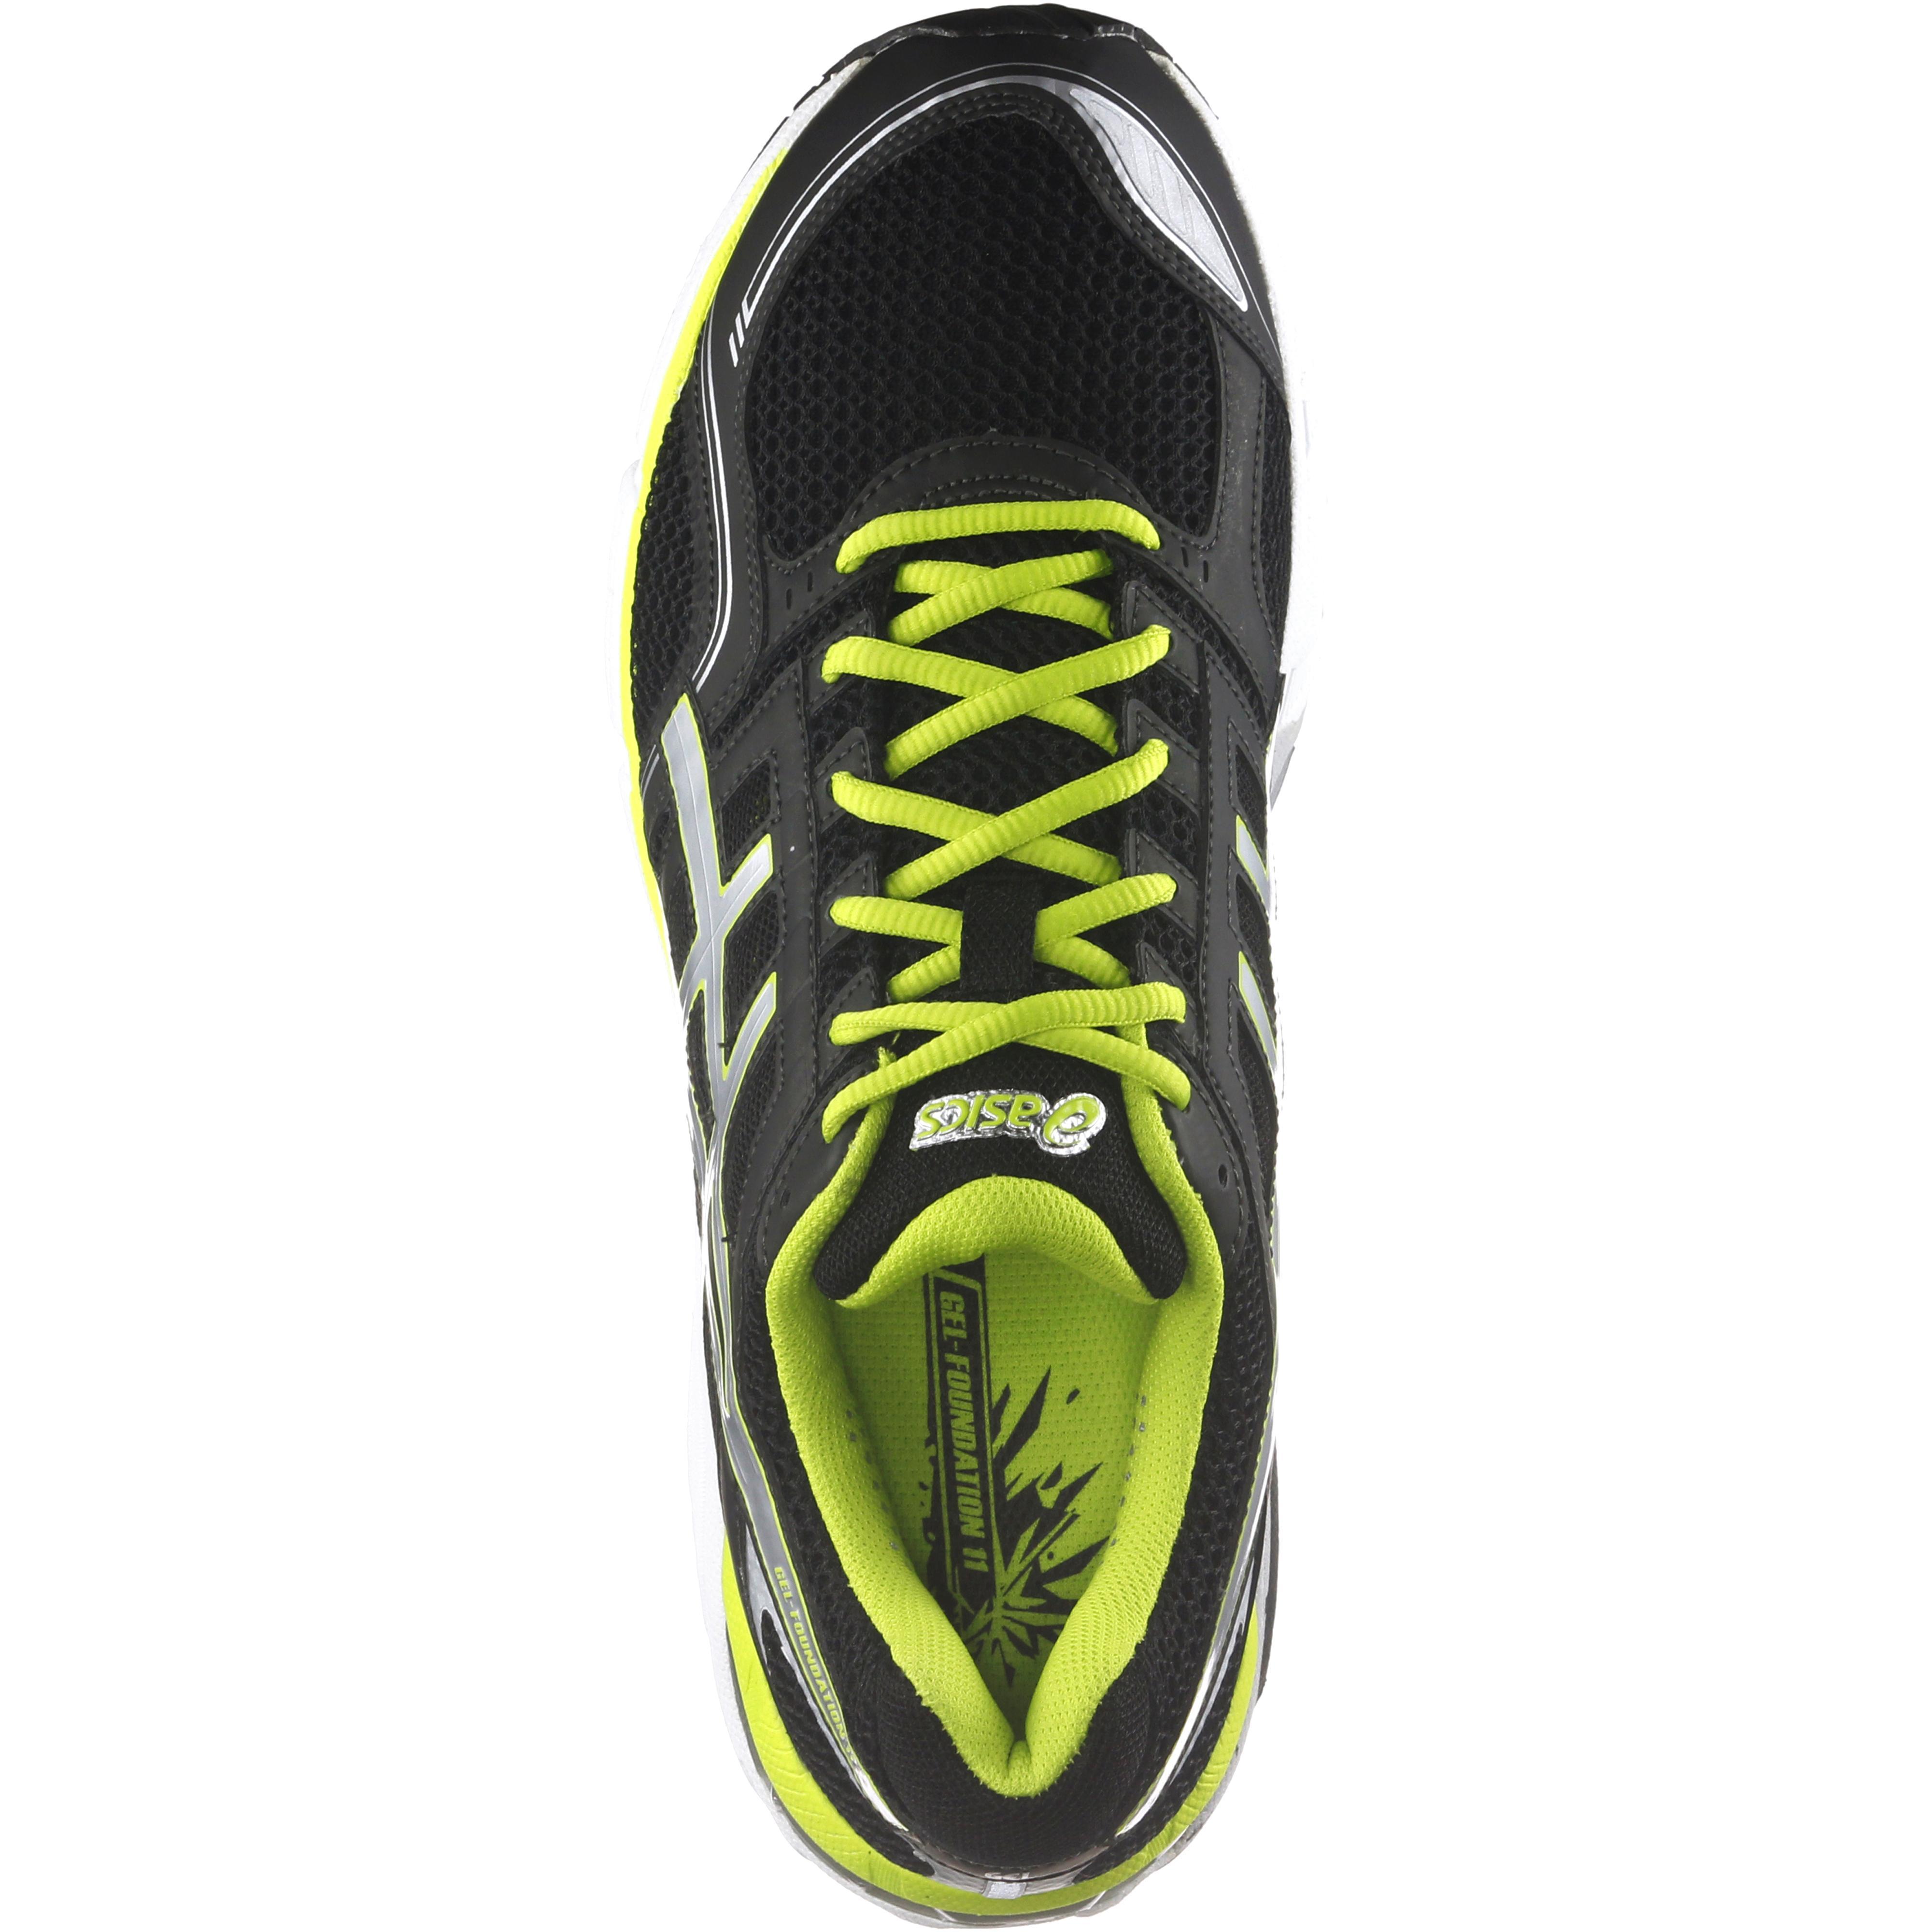 ASICS Gel Foundation 11 Laufschuhe Herren schwarzsilberfarben im Online Shop von SportScheck kaufen